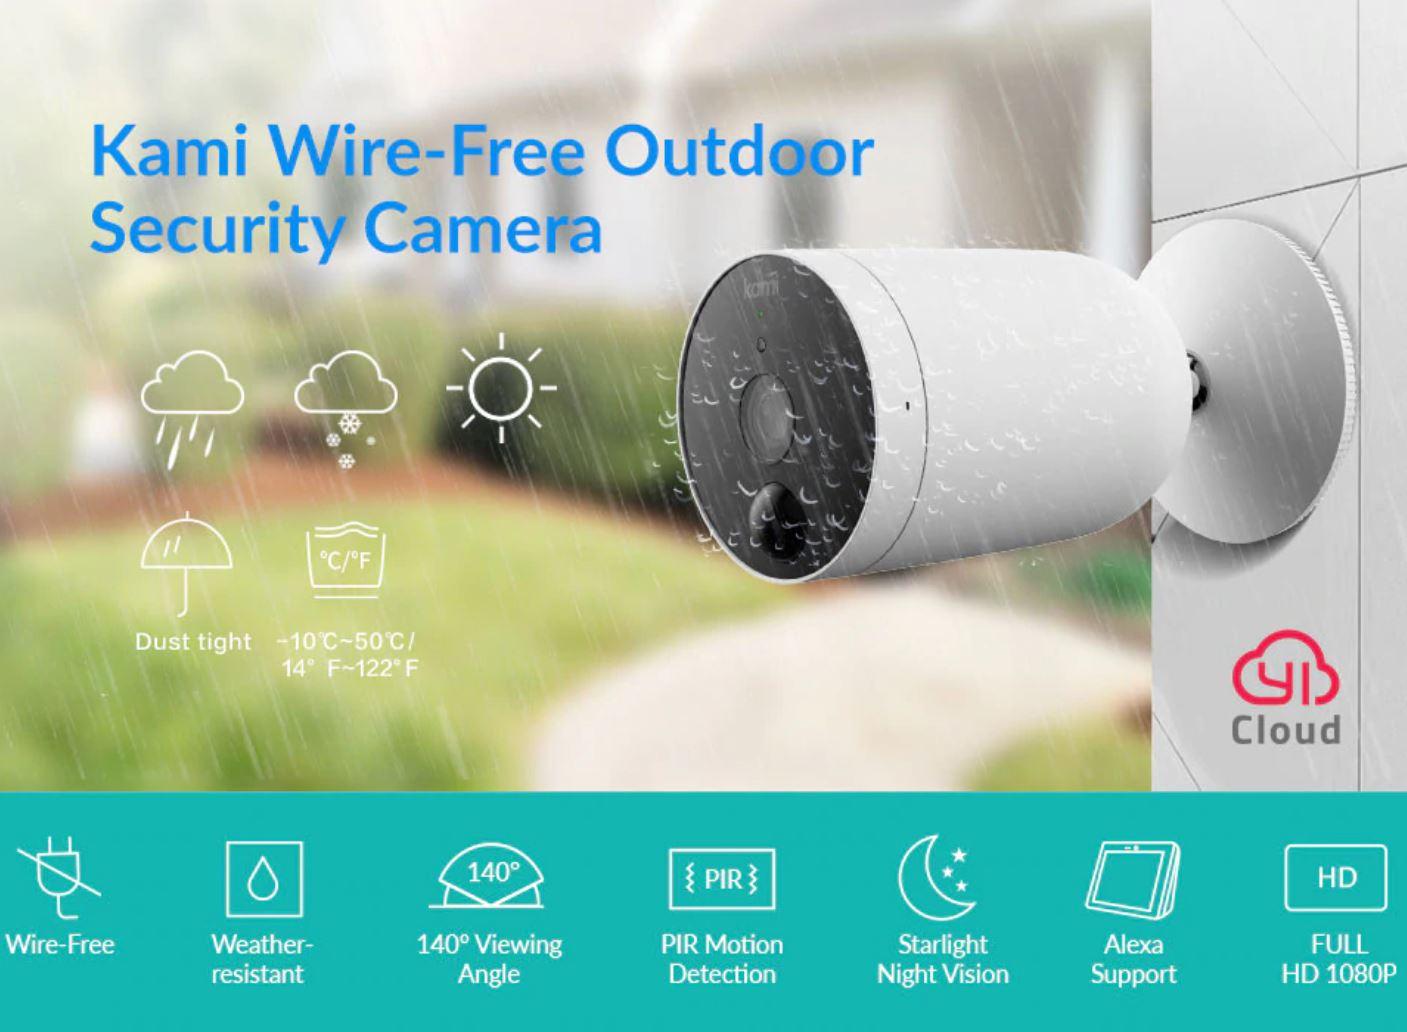 Smart Dom z Aliexpress - kamery do monitoringu w letniej wyprzedaży - YI Kami Wire-Free Outdoor Security Camera